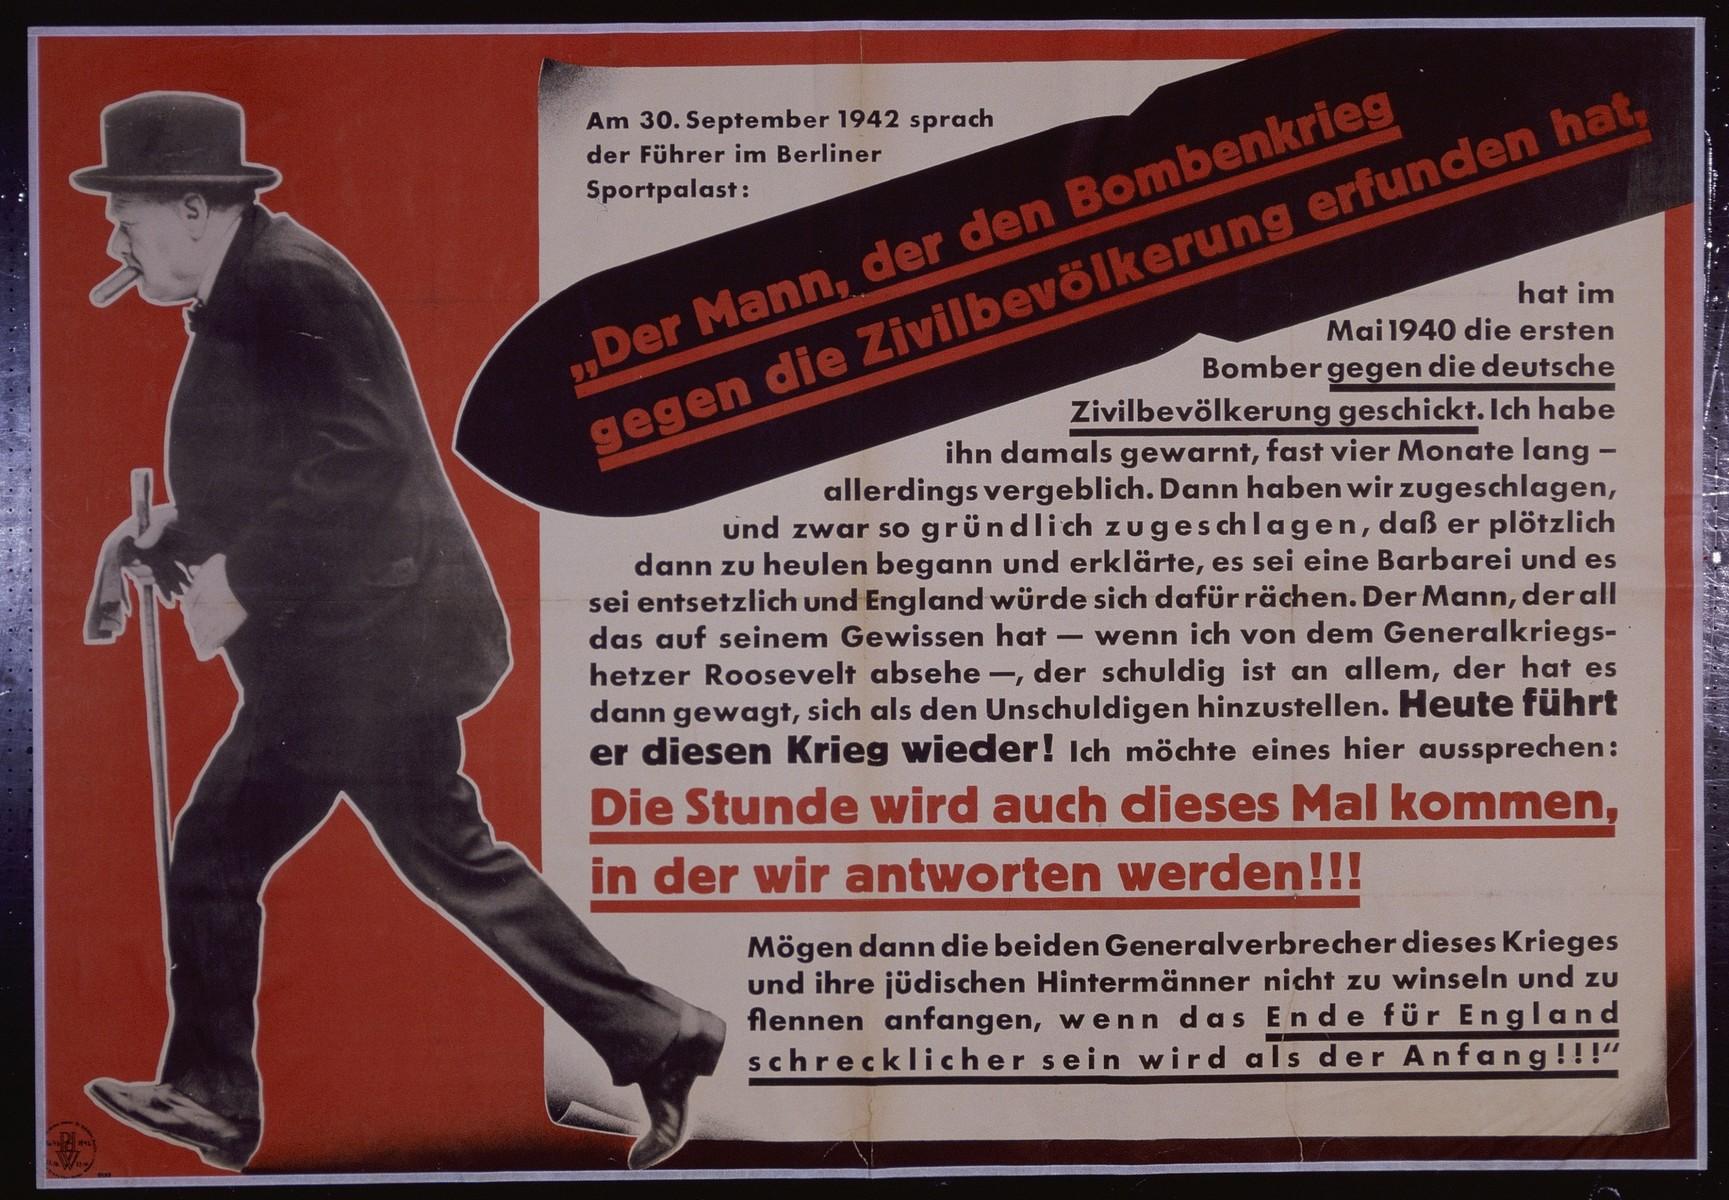 """Nazi propaganda poster entitled, """"Der Mann, der den Bombenkrieg gegen die Zivilbevolkerung erfunden hat,"""" issued by the """"Parole der Woche,"""" a wall newspaper (Wandzeitung) published by the National Socialist Party propaganda office in Munich."""